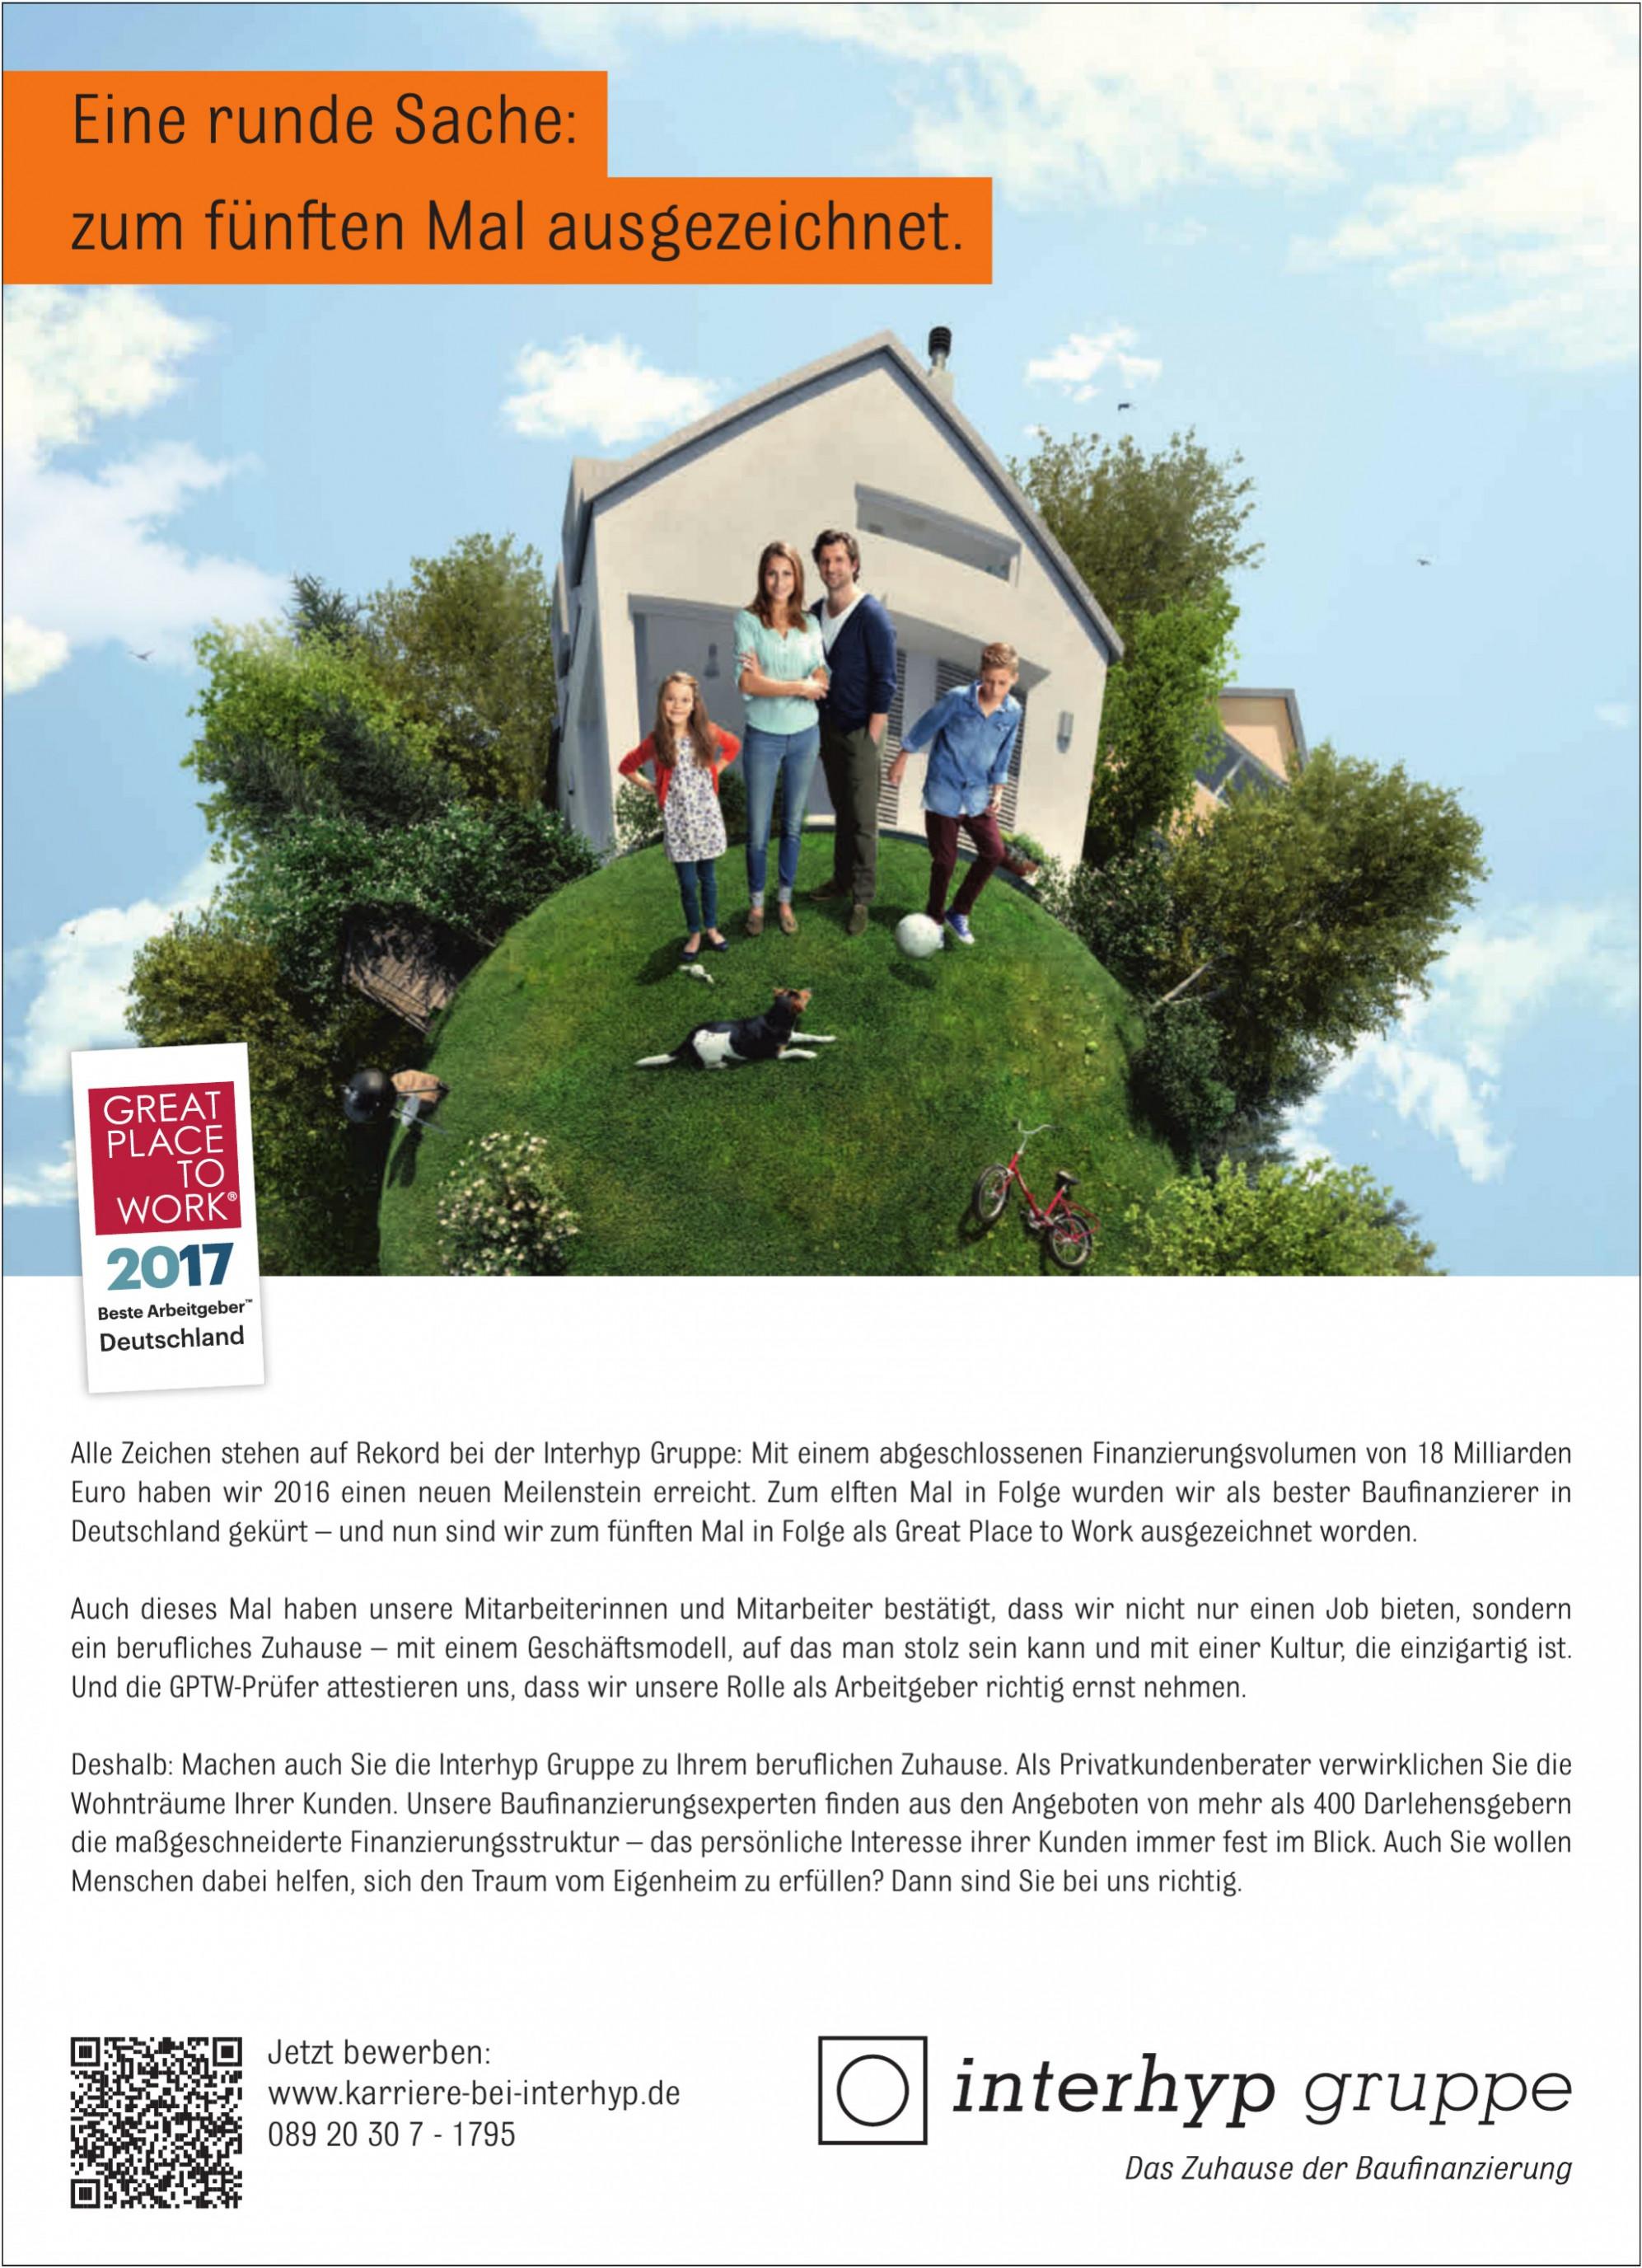 Interhyp Gruppe, Das Zuhause der Baufinanzierung